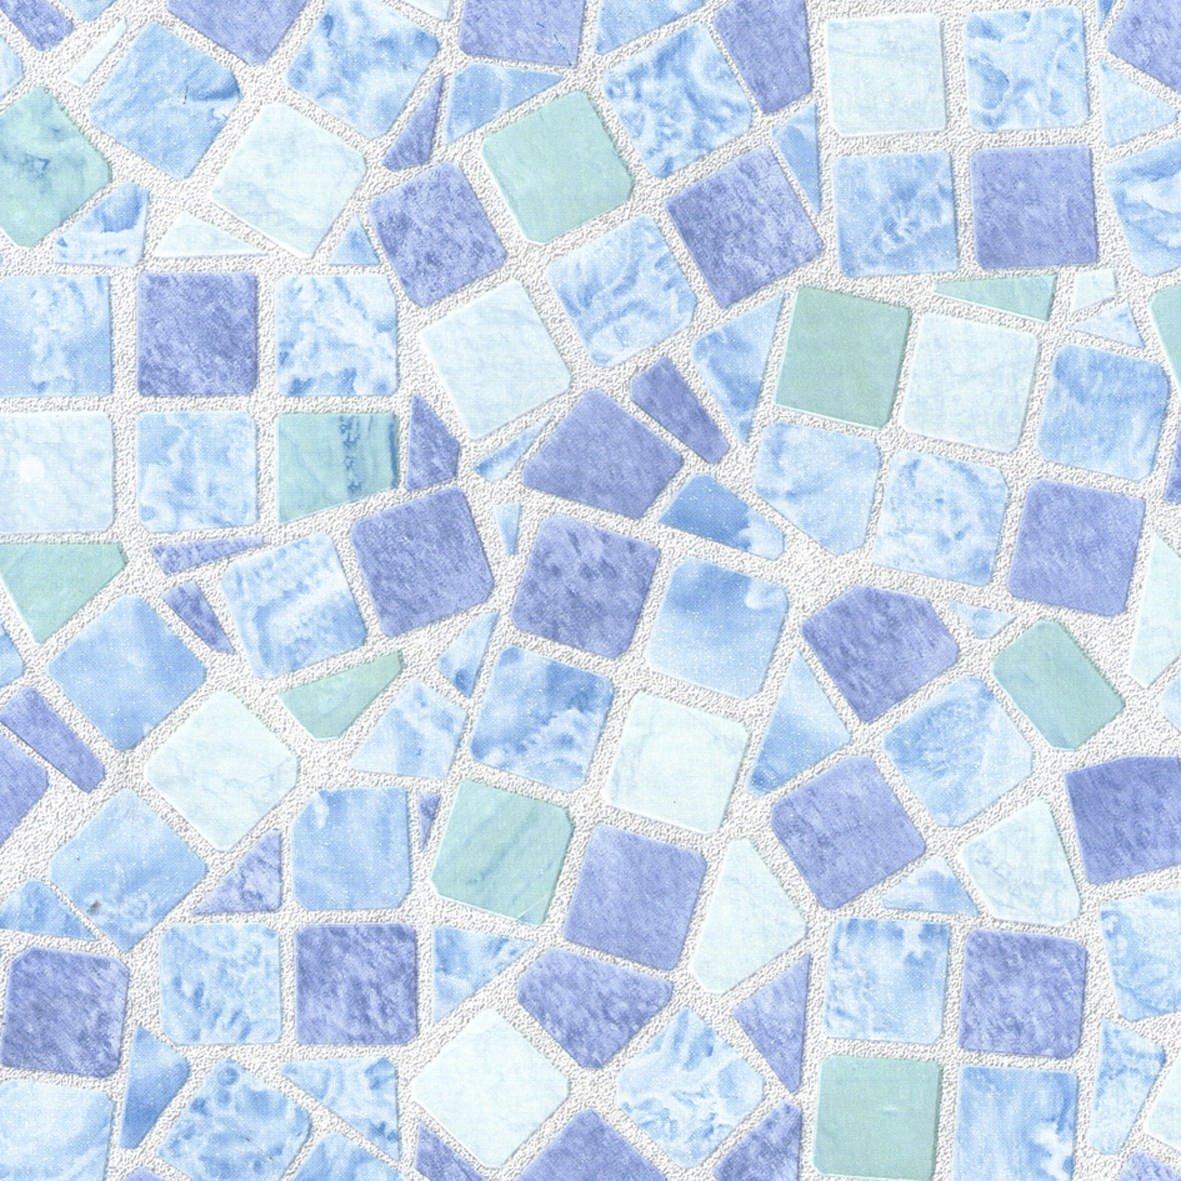 Venilia 53234Pellicola Adesiva Basic mosaico, PVC, Blu, 45x 150x 0,1cm Windhager